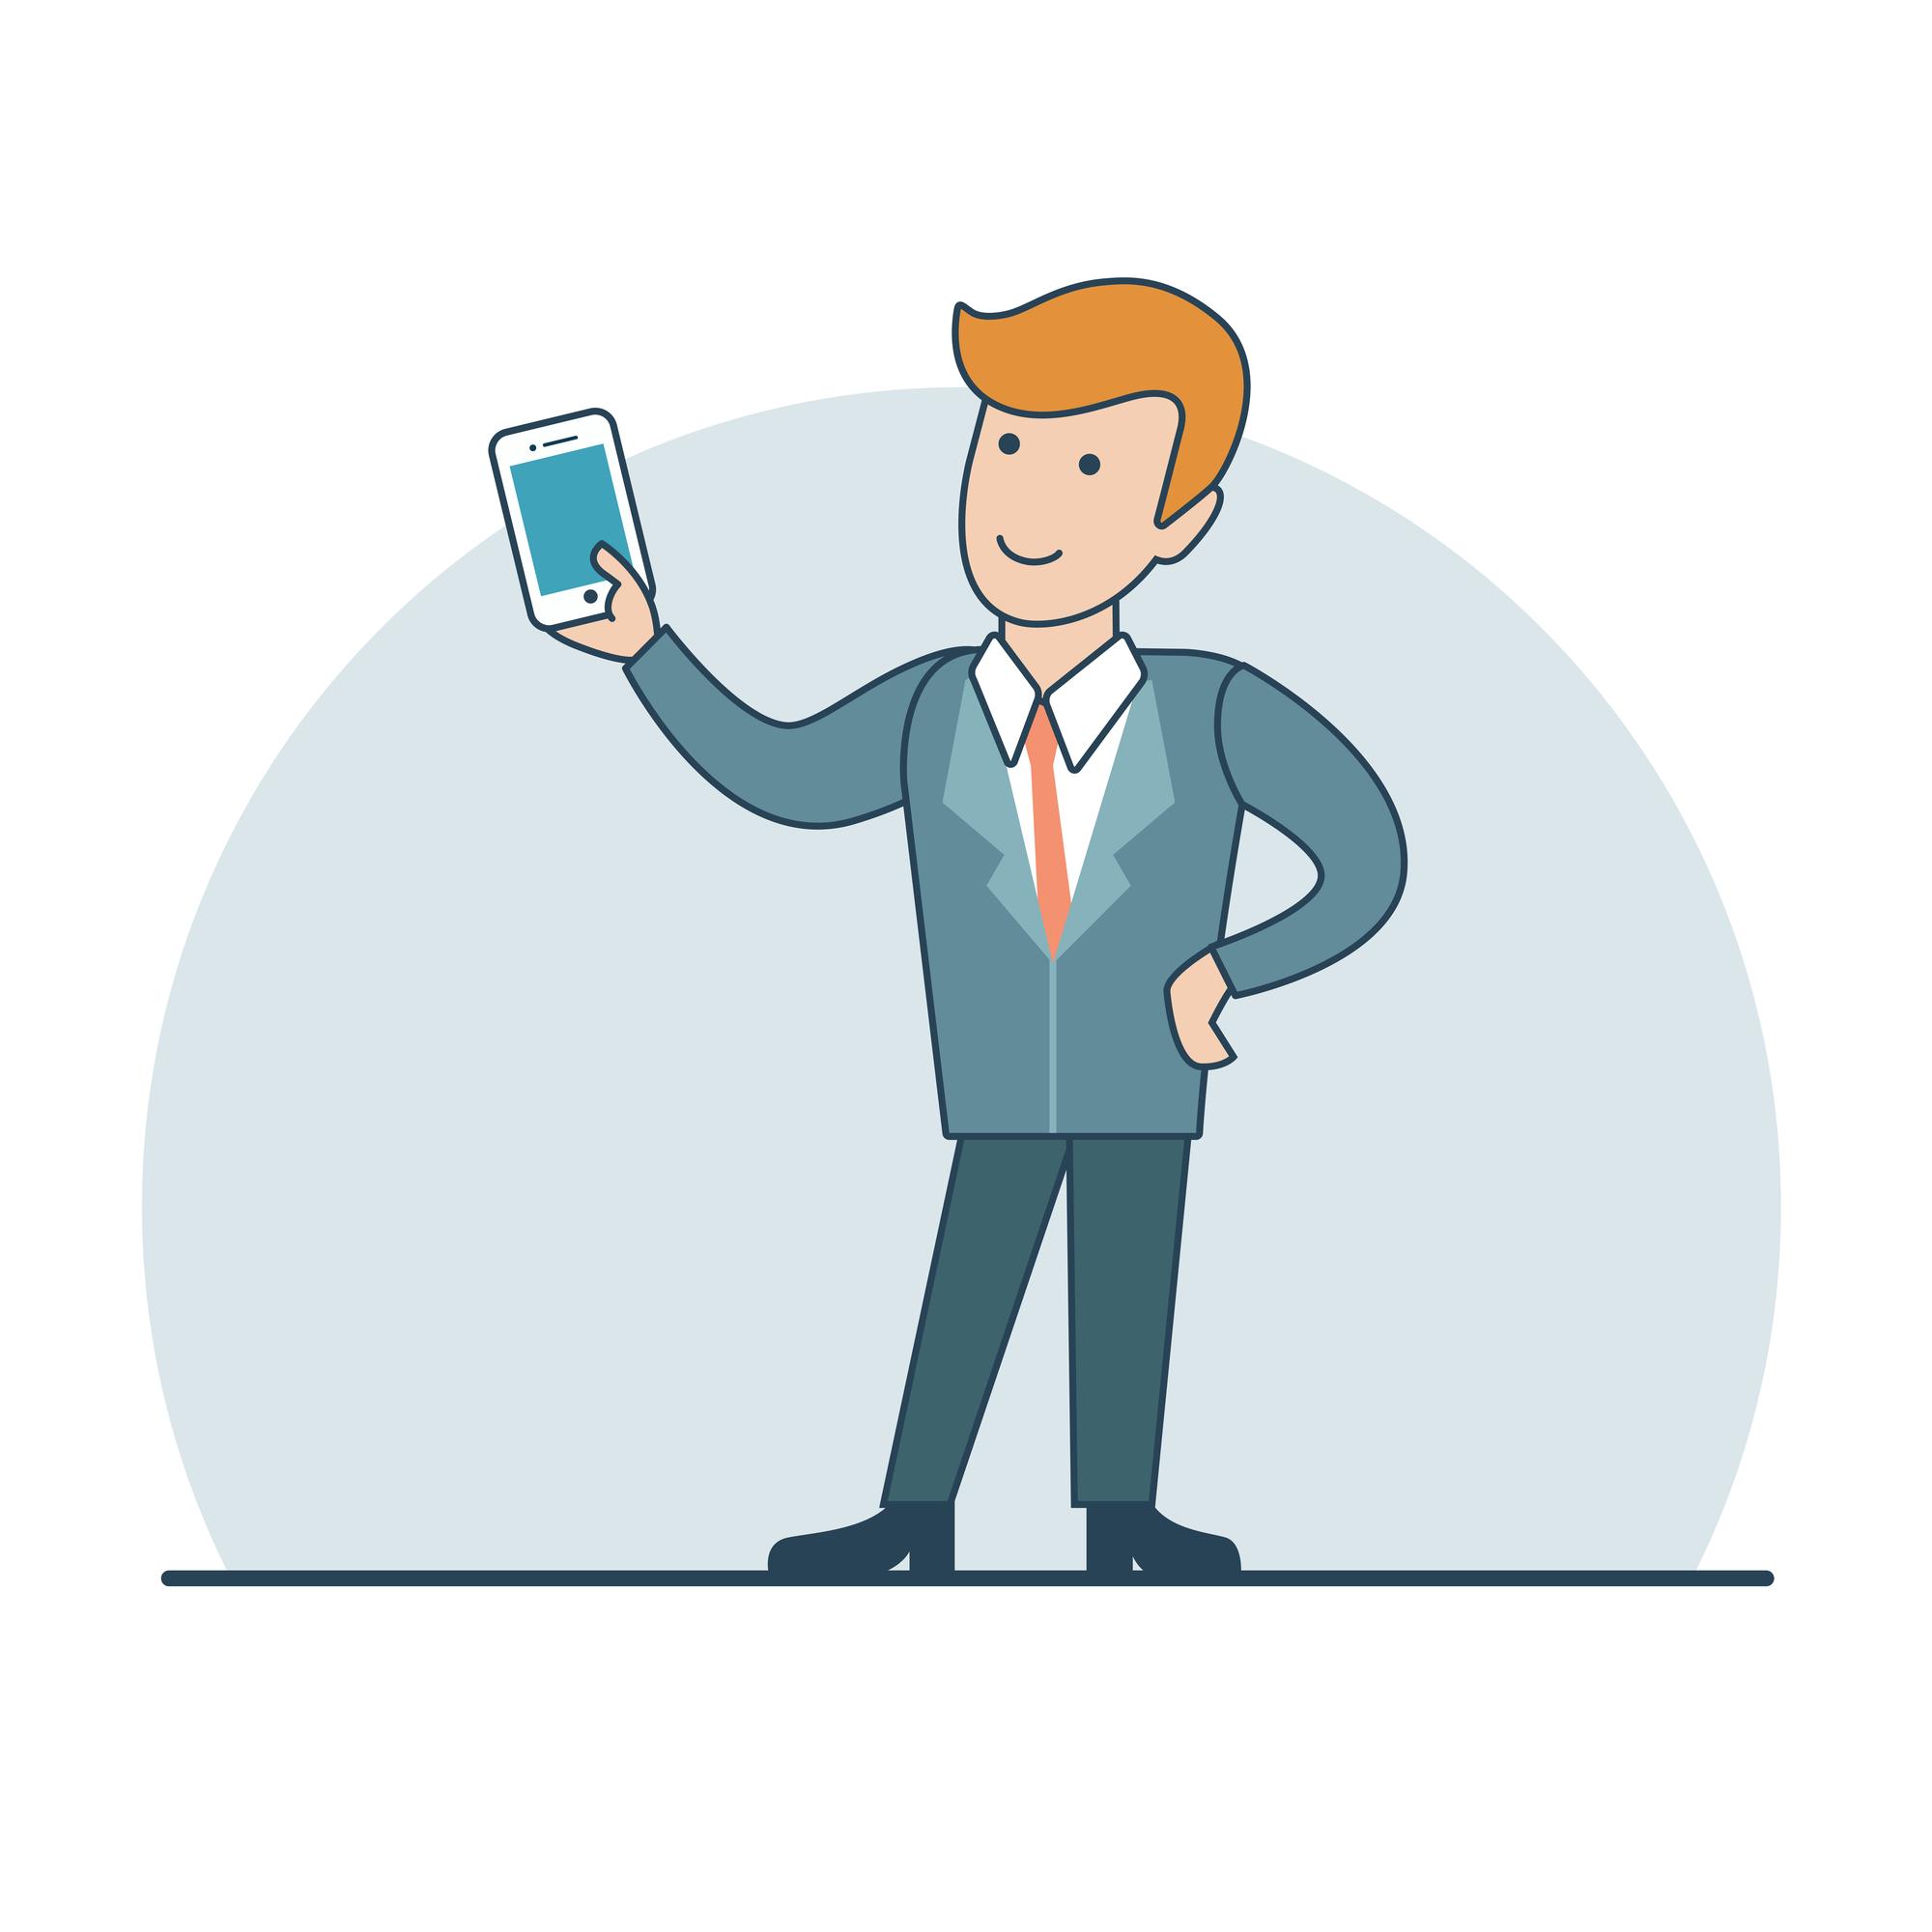 Вместо 58 полей для заполнения, осталось 12. Как«Государства в смартфоне» упрощает регистрацию ФОП